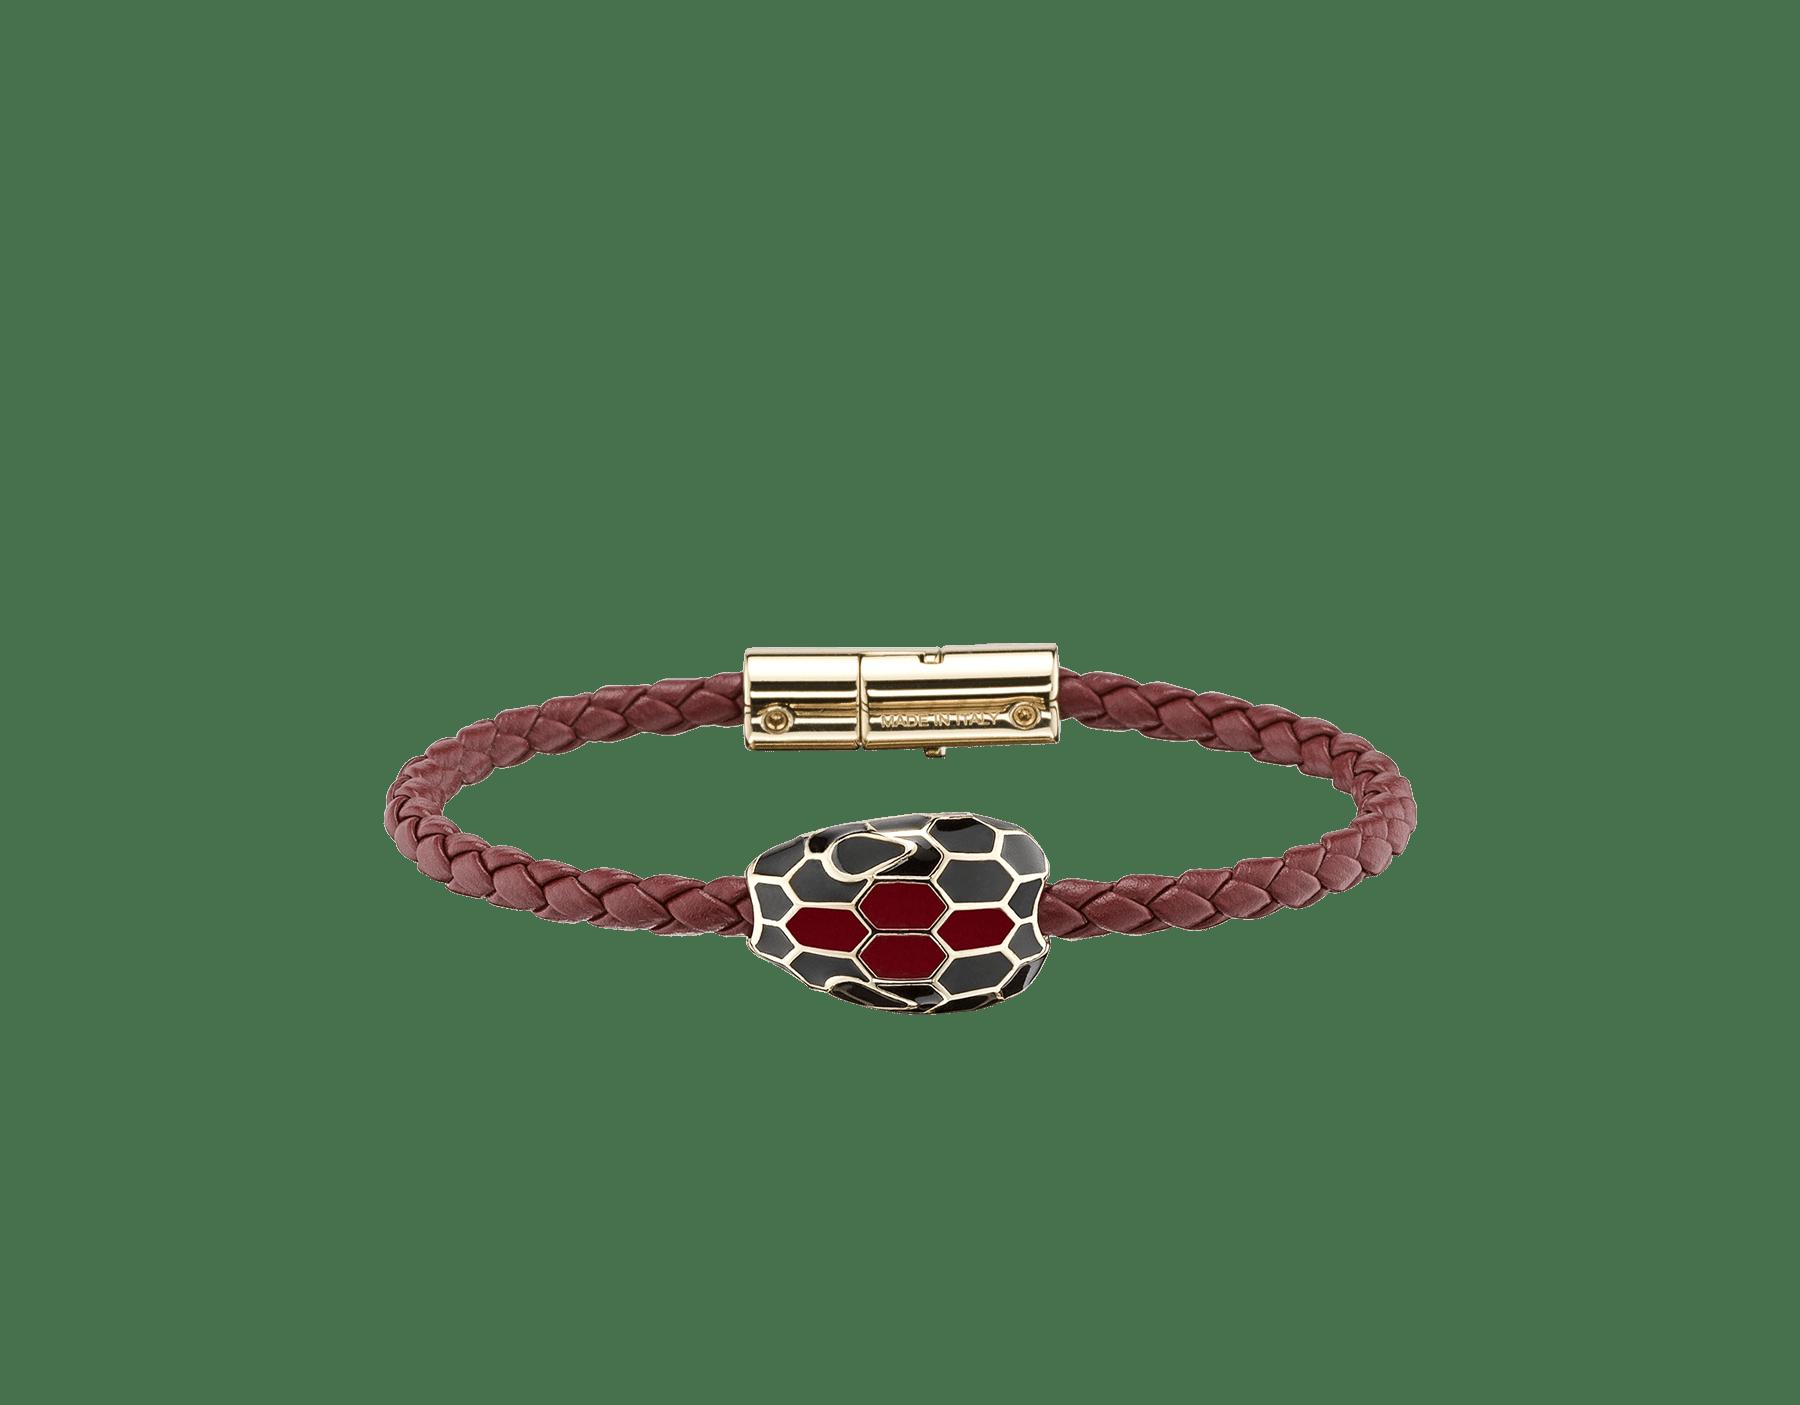 Pulsera trenzada Serpenti Forever en piel de becerro tejida color rojo rubí con un emblemático motivo de cabeza de serpiente en esmalte negro y color rojo rubí. SerpBraid-WCL-RR image 1